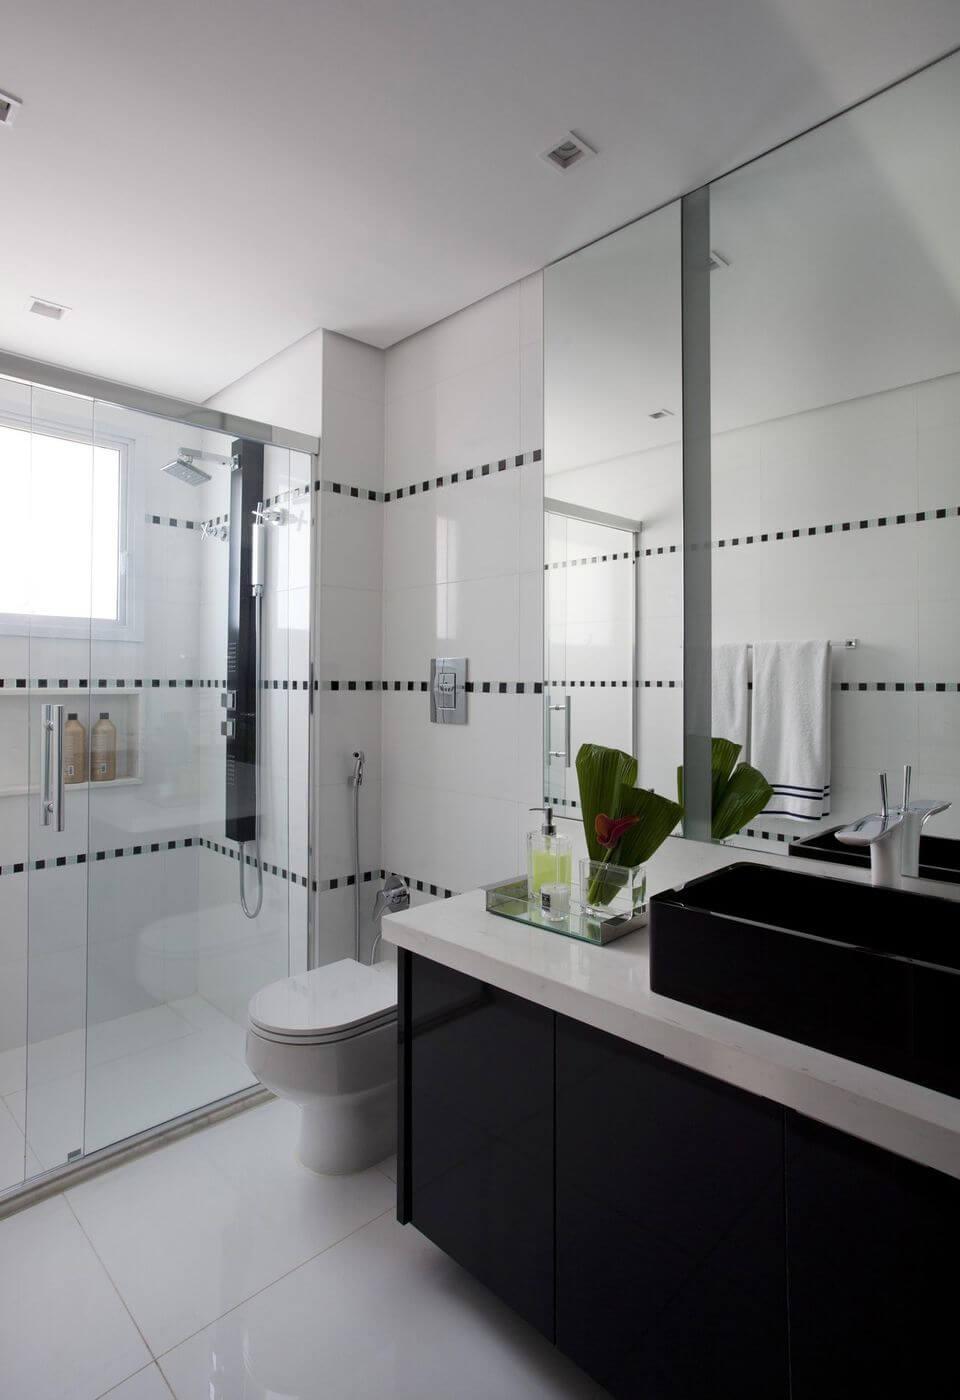 janela para banheiro - banheiro com gabinete preto e janela branco